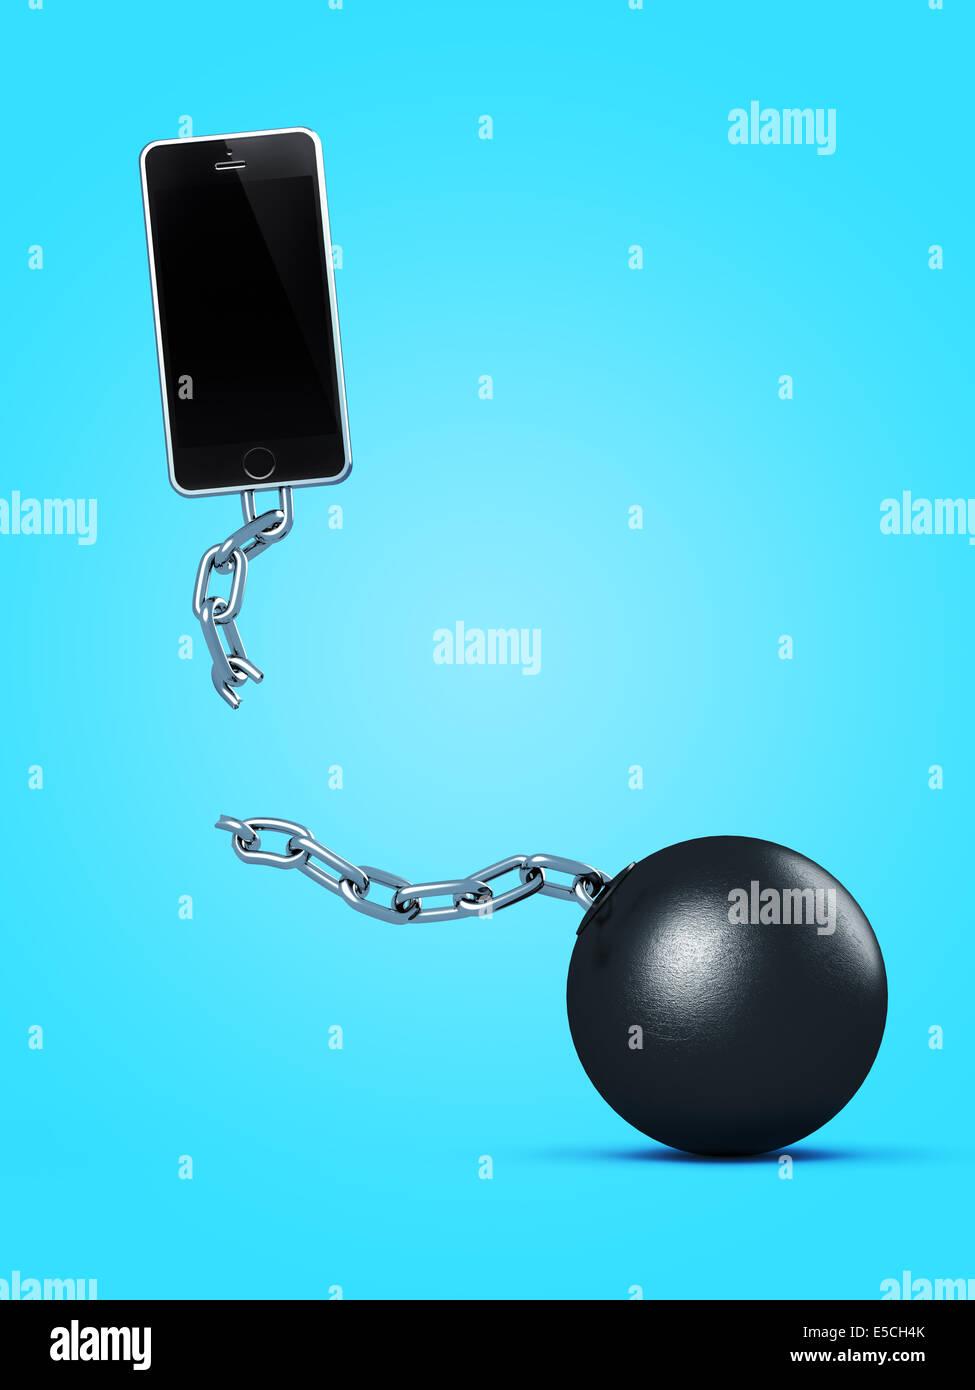 Teléfono romper con grilletes y cadenas, romper un contrato, el contrato de servicio gratuito, Ilustración Imagen De Stock